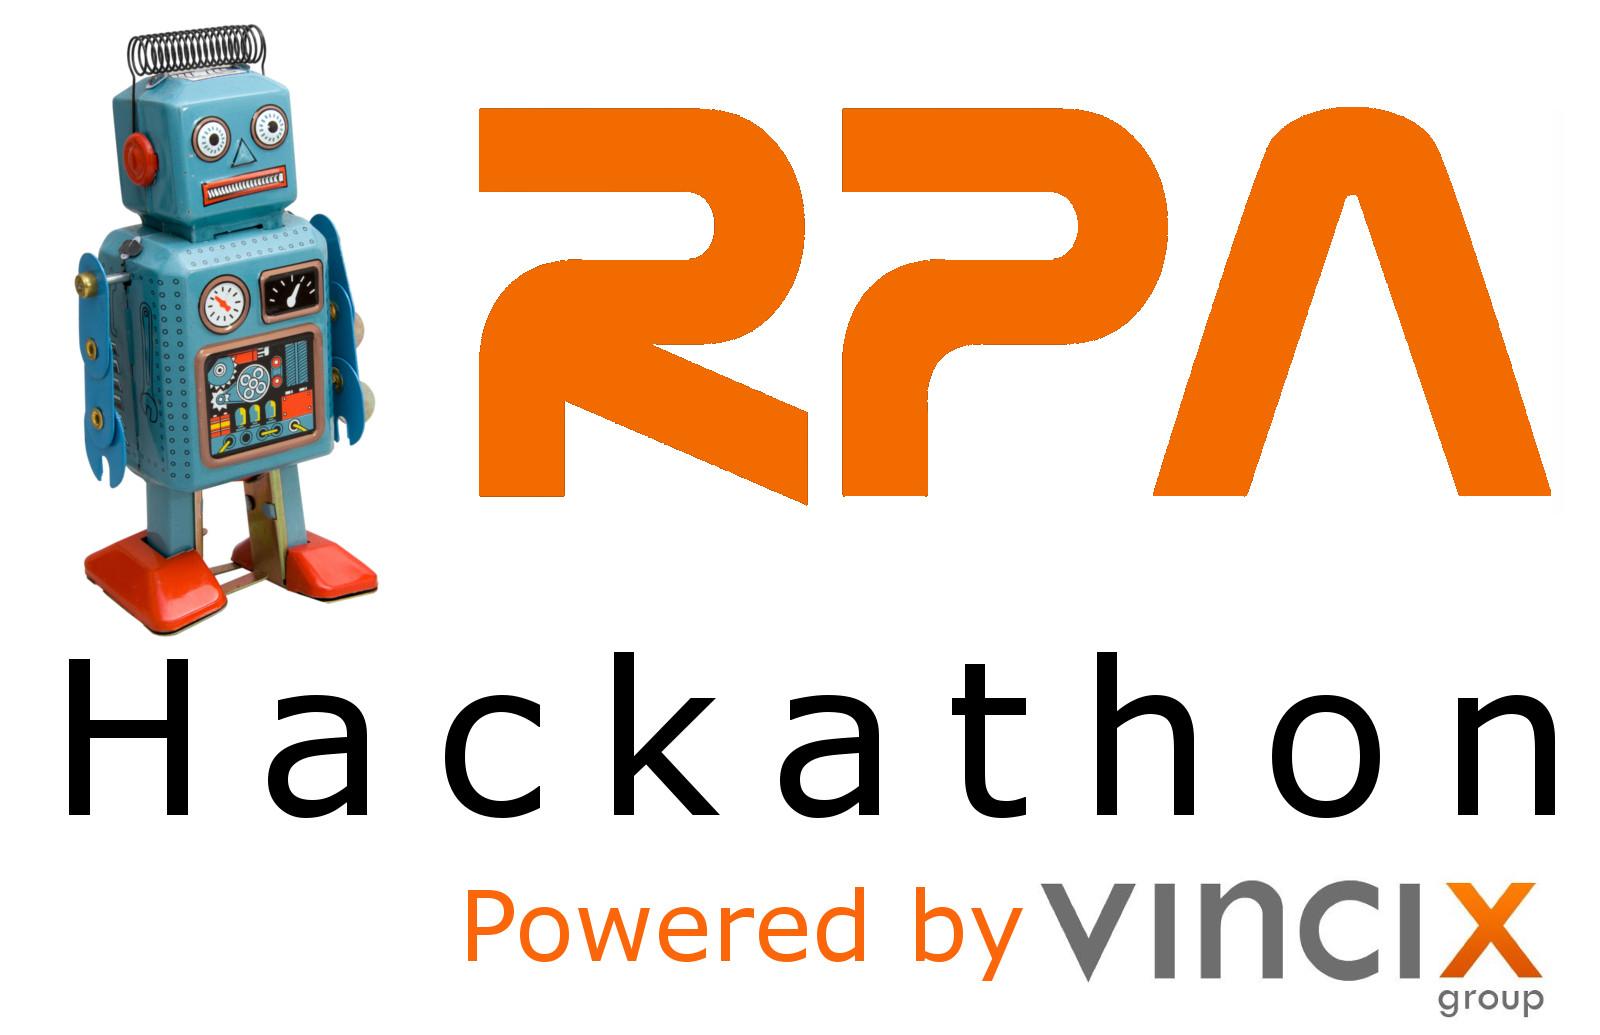 Hackathon RPA